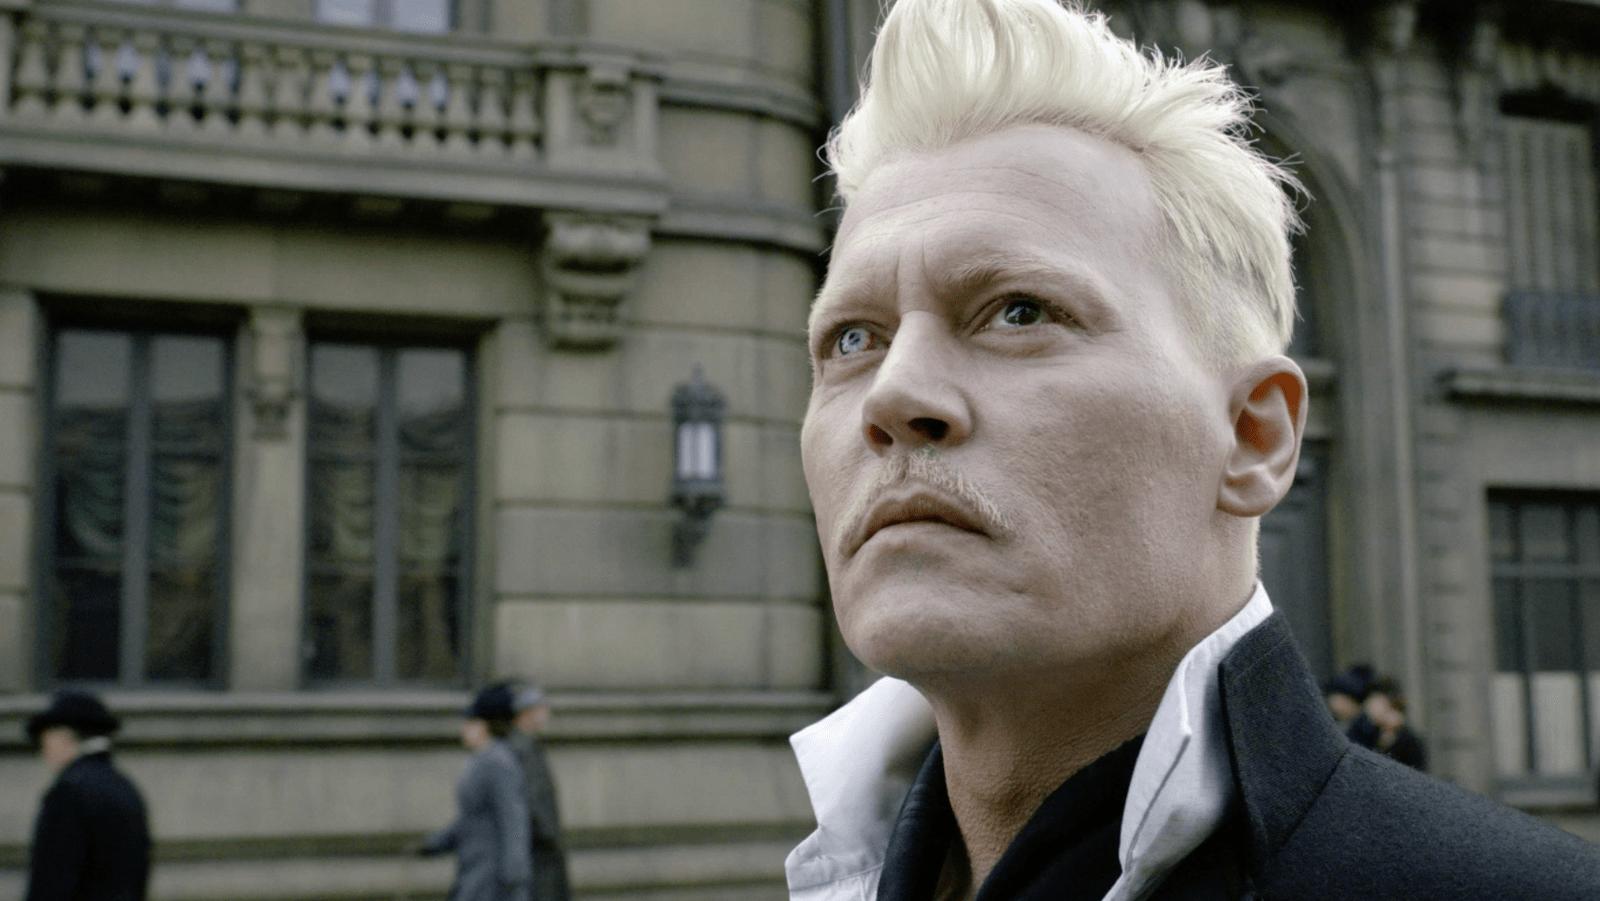 Слух дня: WB всё ещё не обратились к Джонни Деппу по поводу роли Грин-де-вальда в «Фантастических тварях 3»